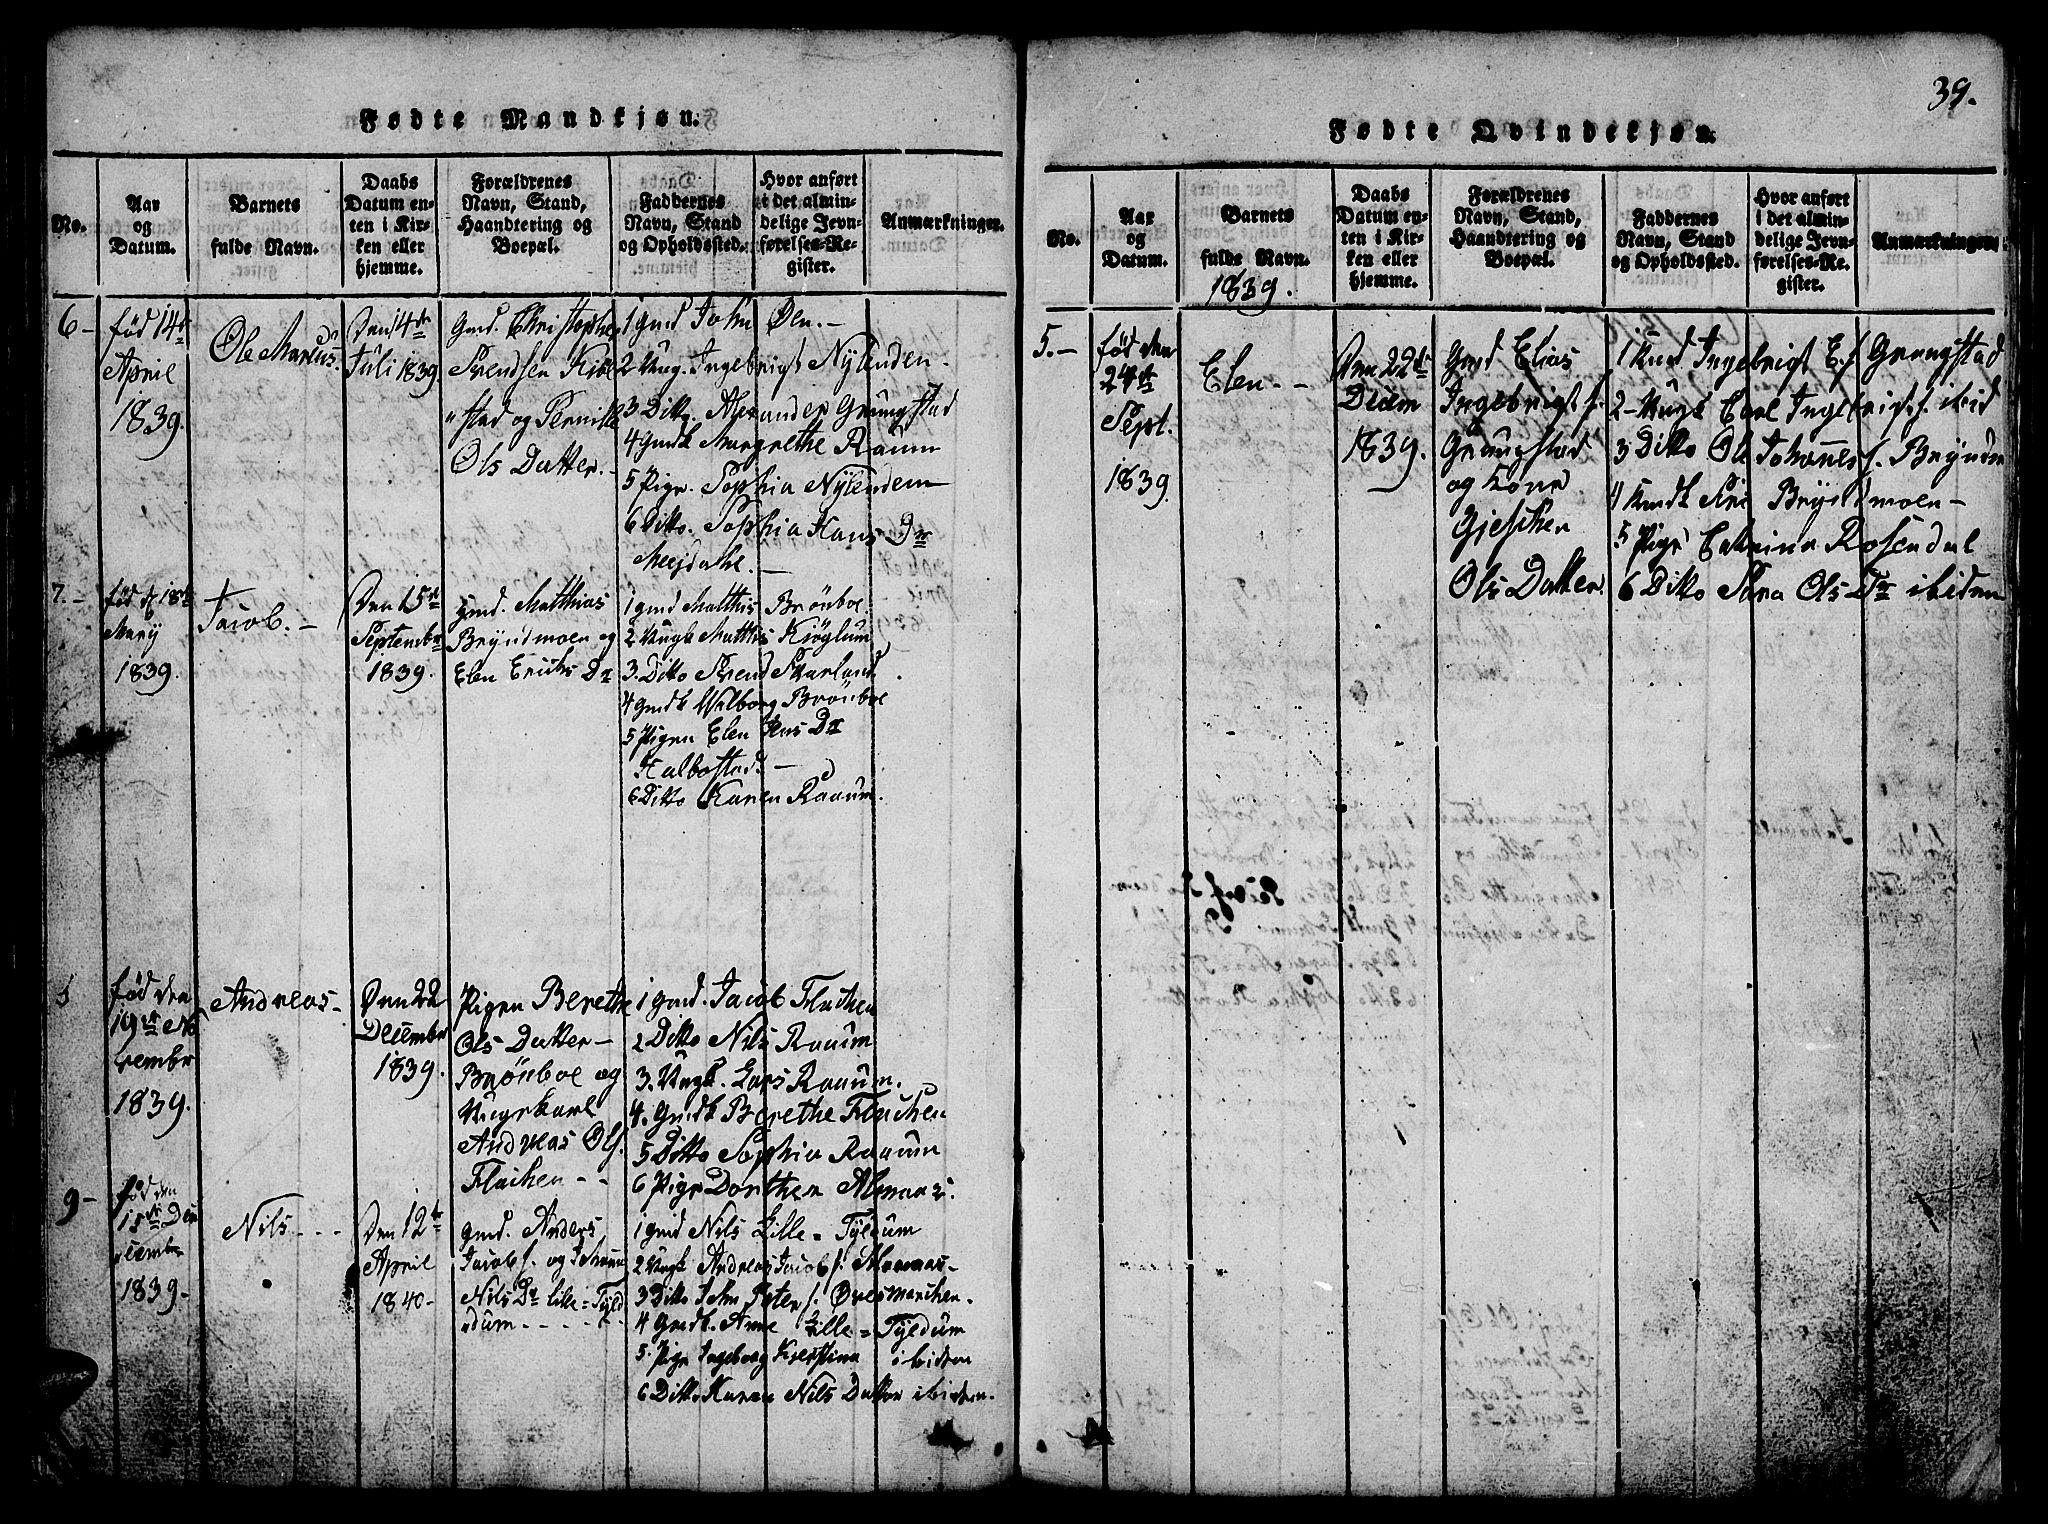 SAT, Ministerialprotokoller, klokkerbøker og fødselsregistre - Nord-Trøndelag, 765/L0562: Klokkerbok nr. 765C01, 1817-1851, s. 39